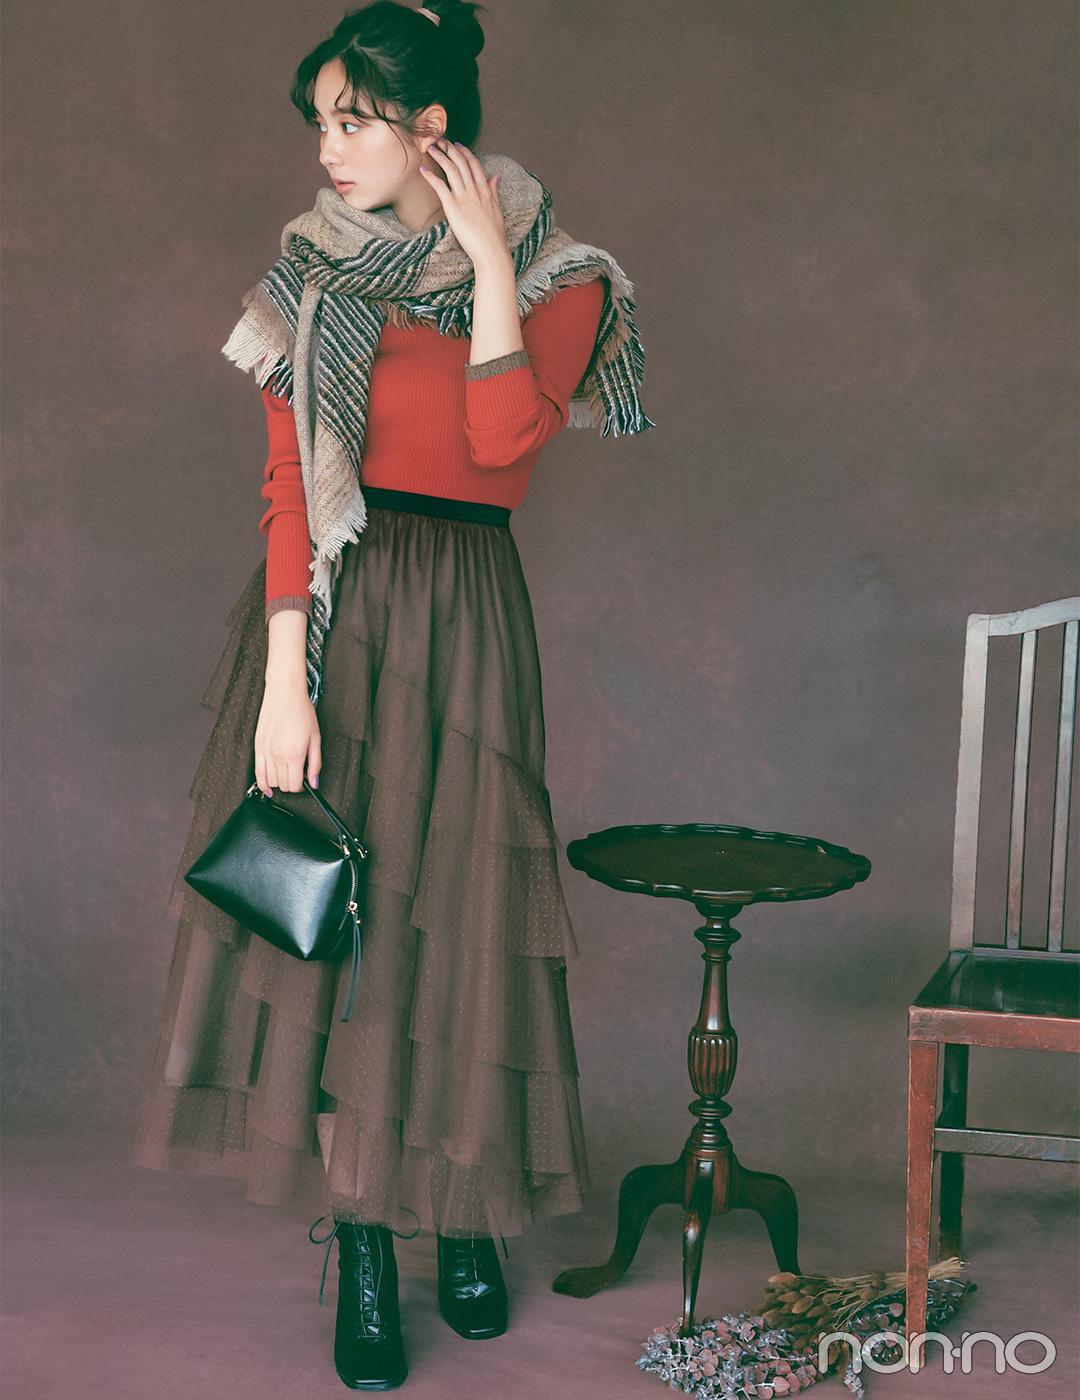 新川優愛は朱赤×ブラウン、秋気分が高まる配色でワンツーコーデを印象的に【毎日コーデ】